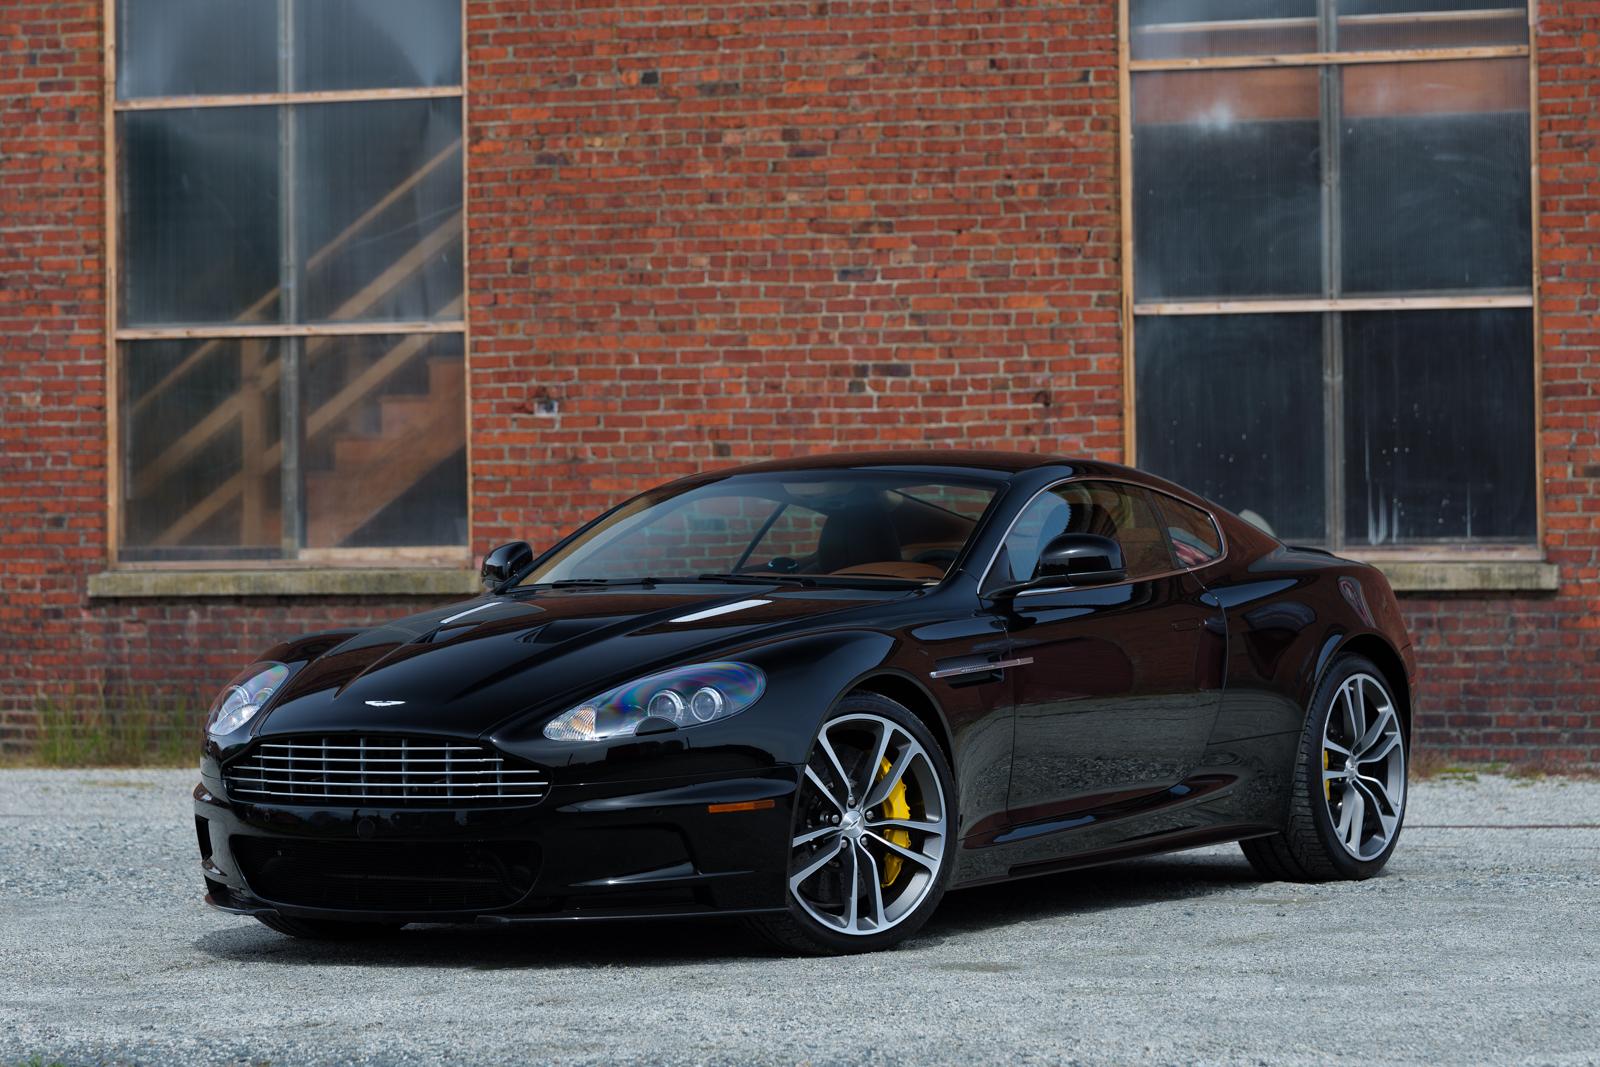 Aston Martin For Sale Silver Arrow Cars Ltd Victoria Bc